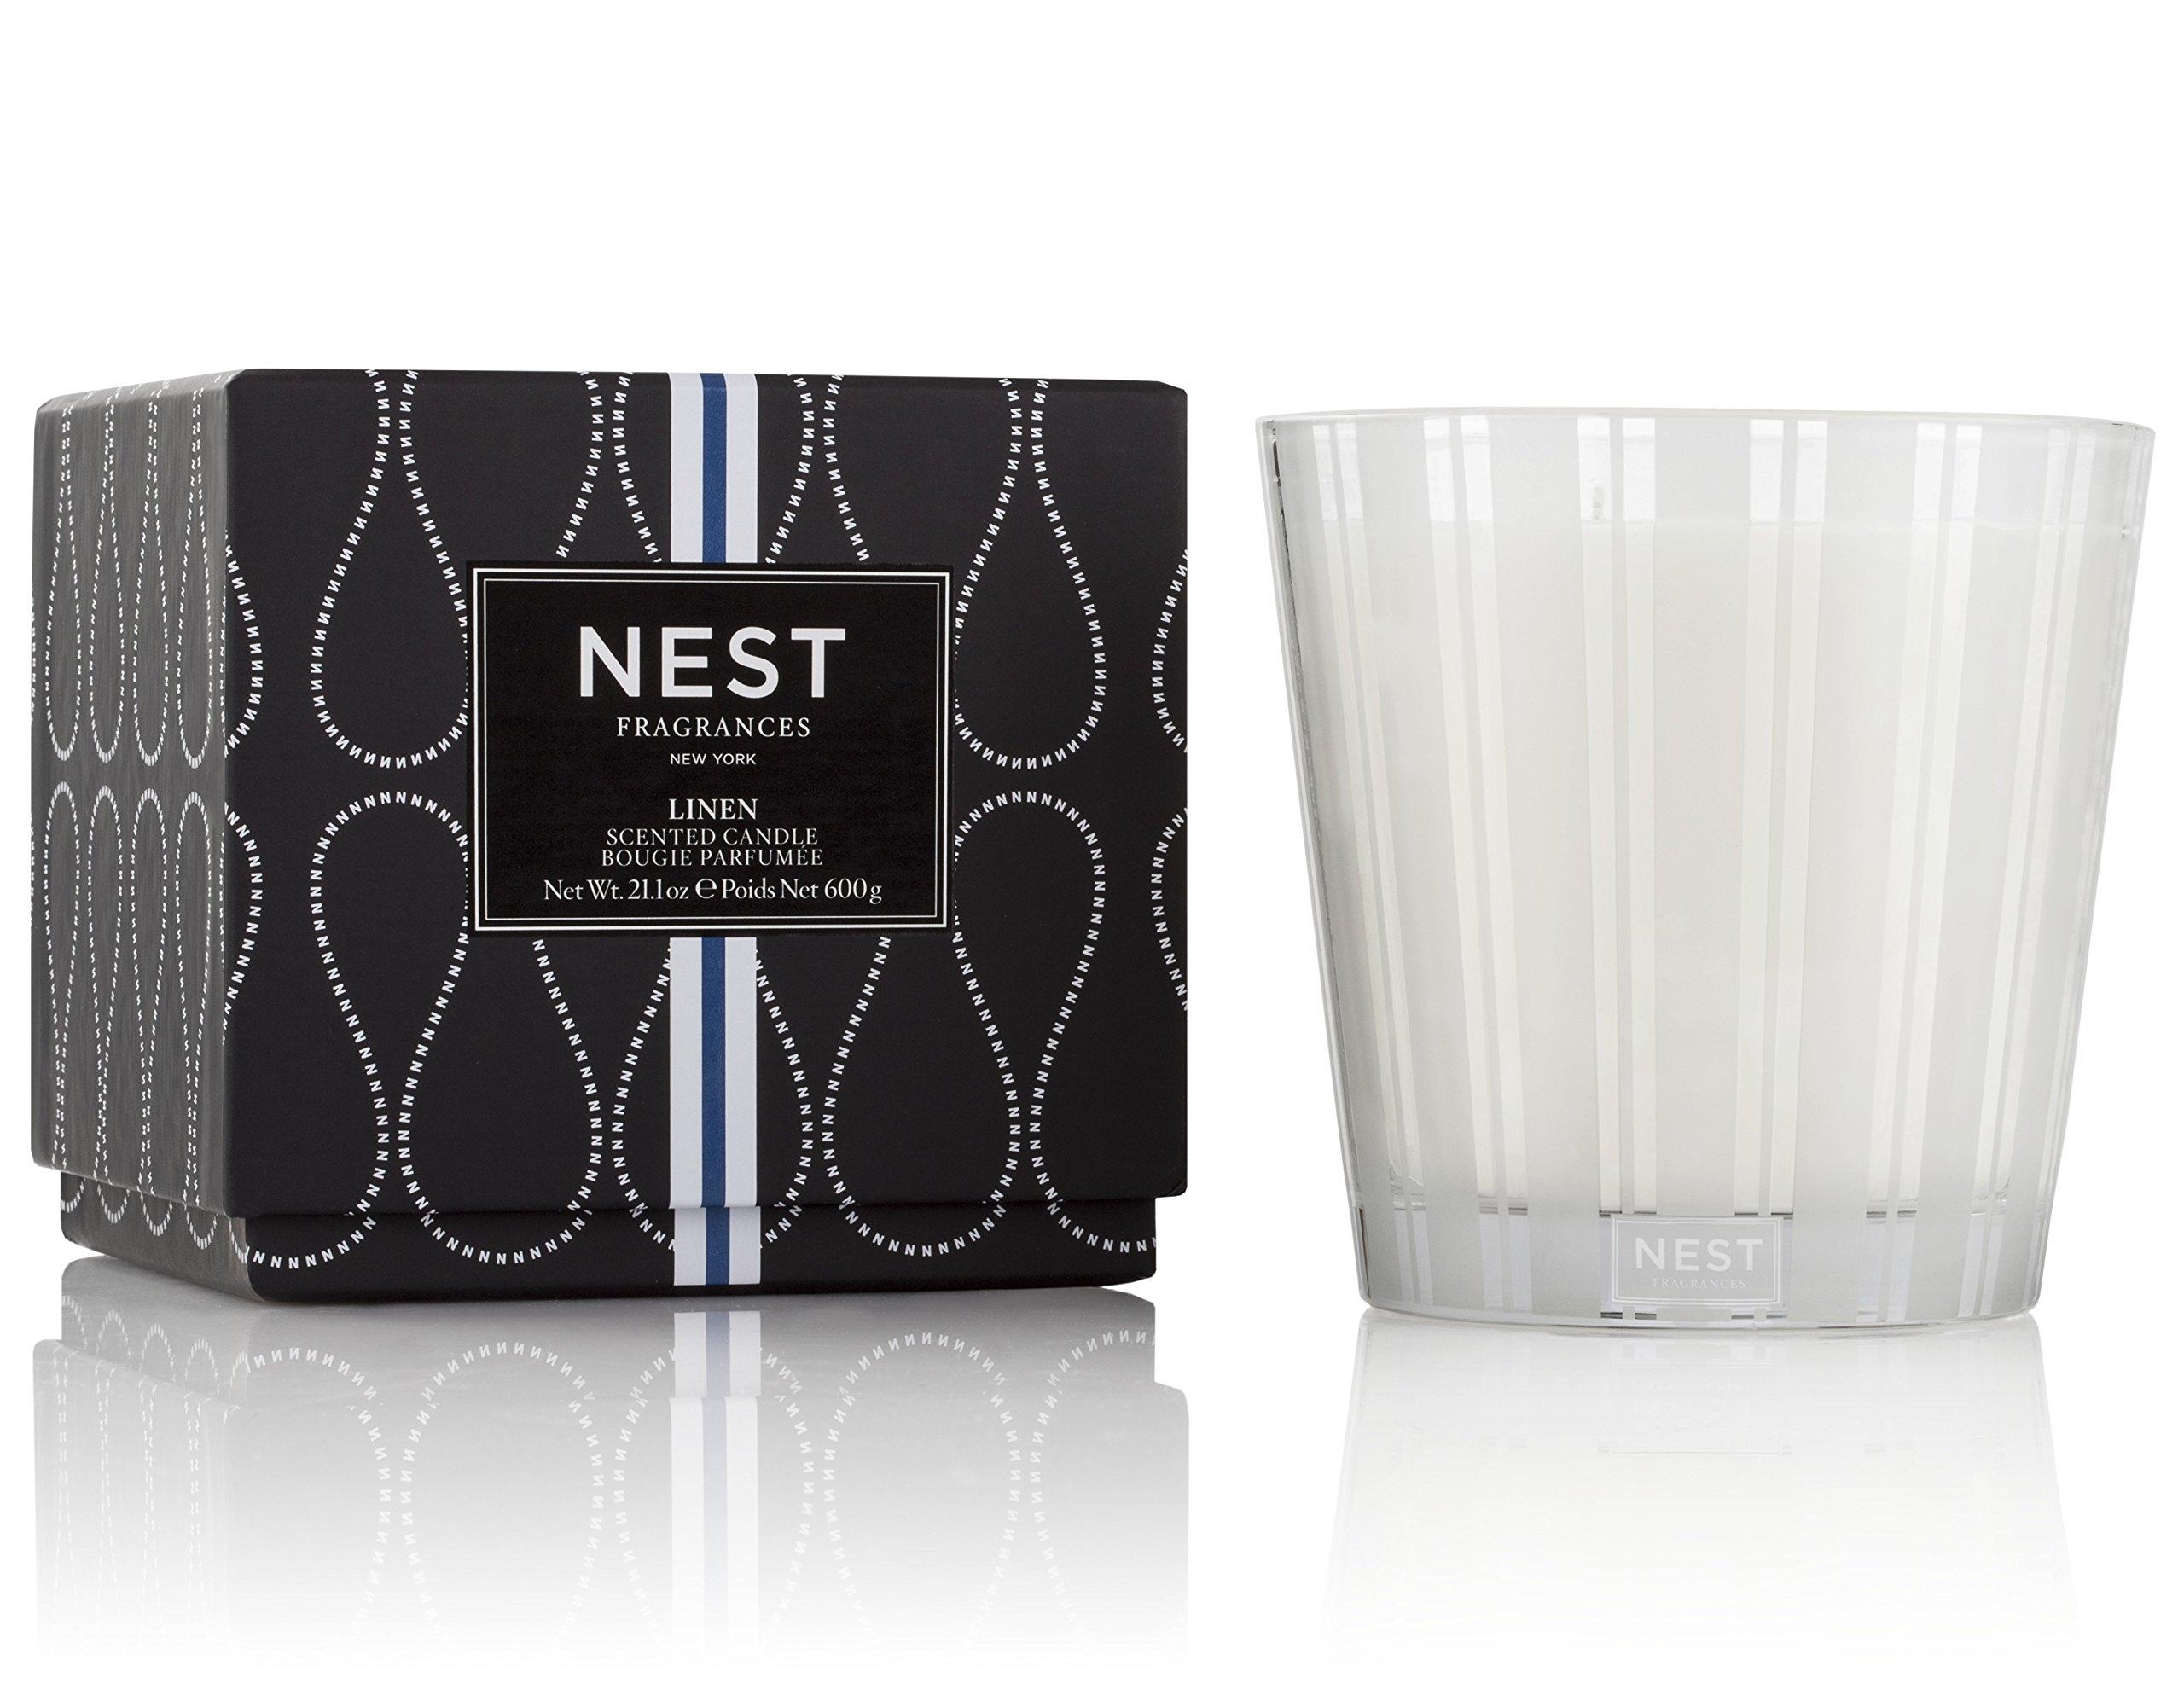 NEST Fragrances 3-Wick Candle-Linen, 21.2 oz